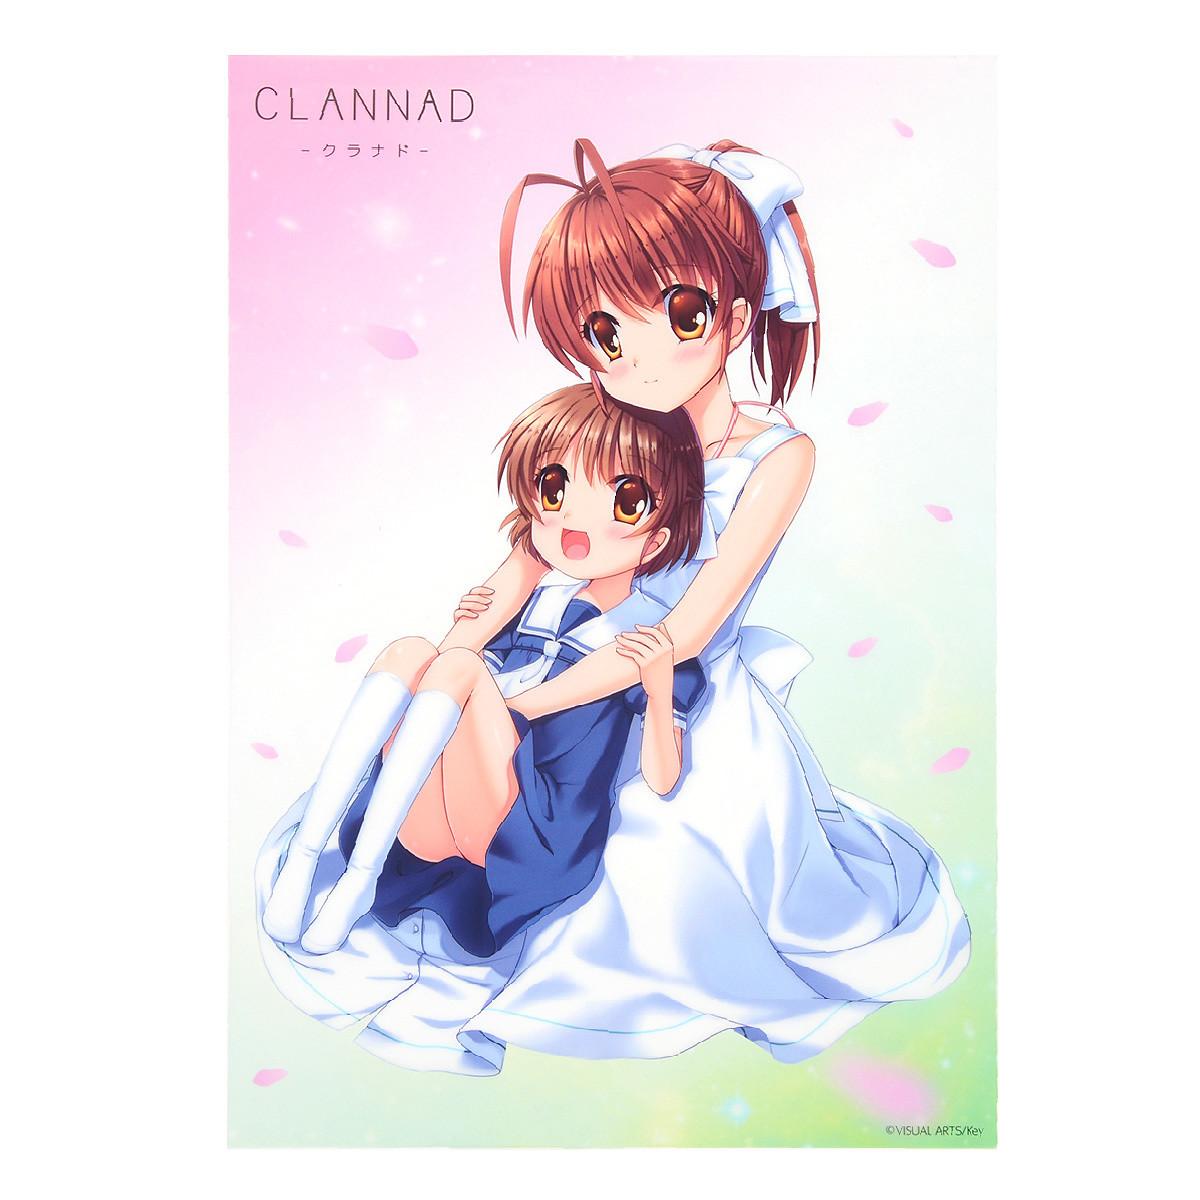 CLANNAD クリアポスター付き婚姻届